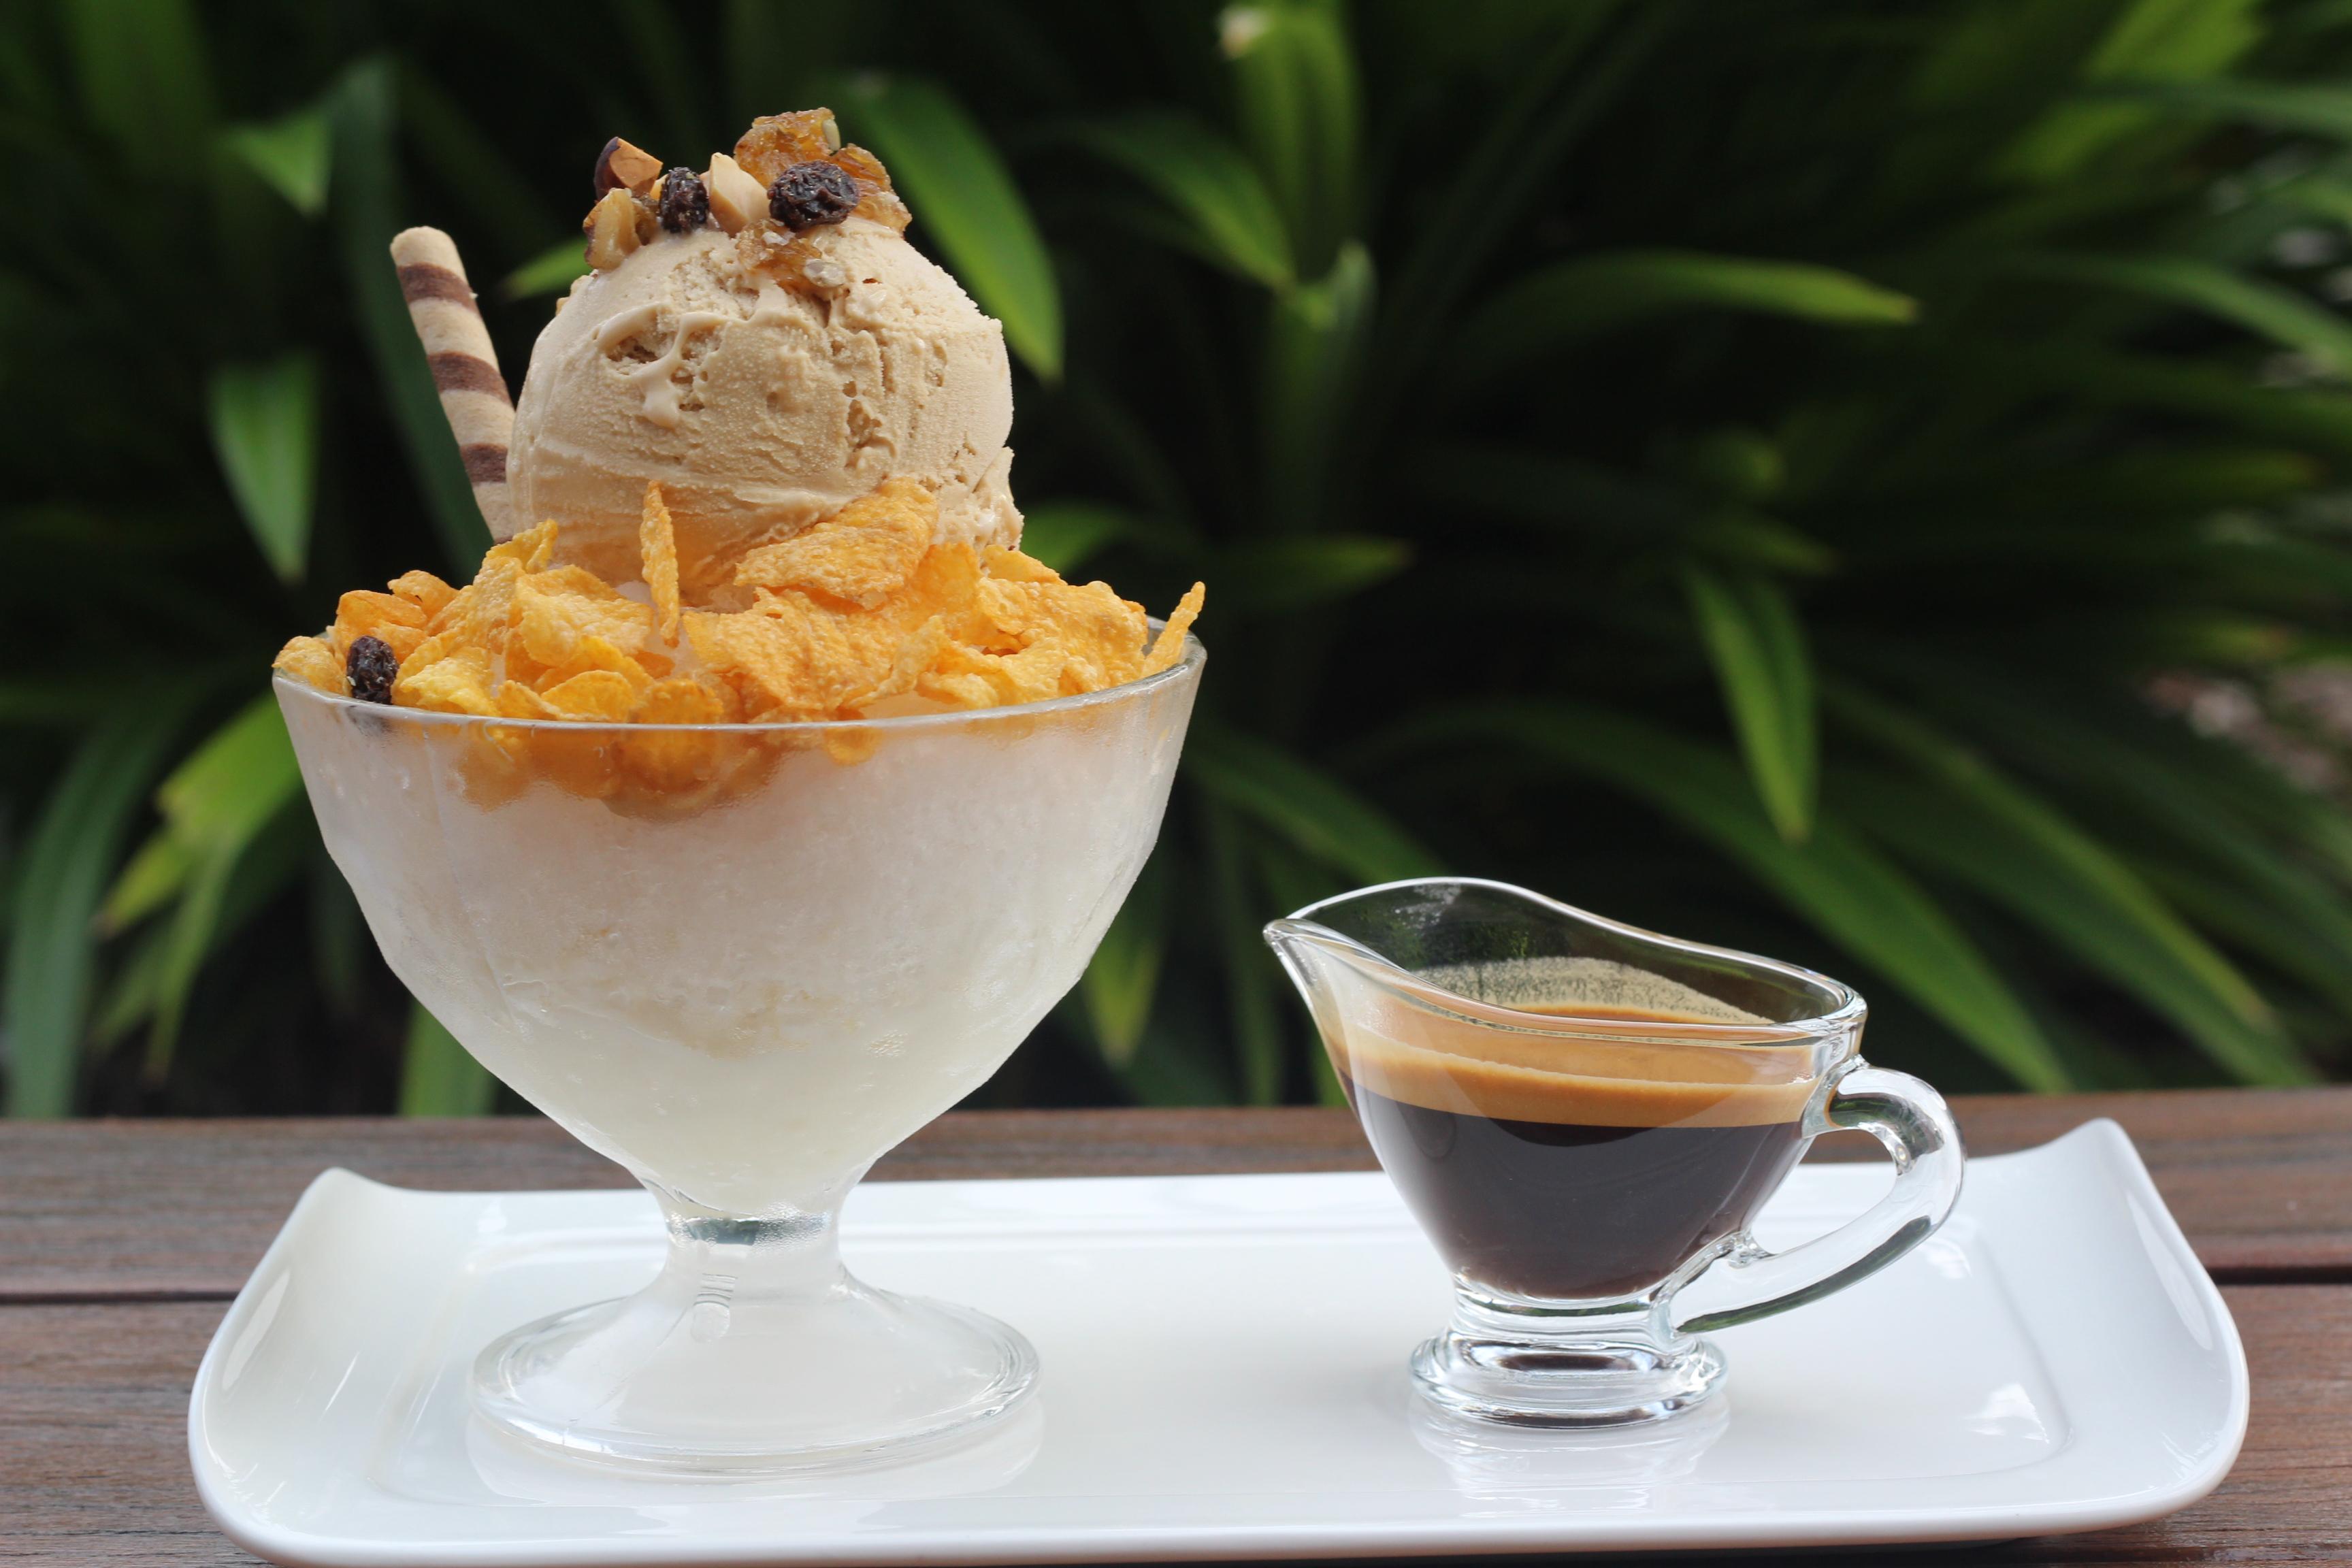 <p>コーヒーアイスがのった、ふわふわかき氷にコーヒーシロップをかけて食べる『コーヒービンス』</p>